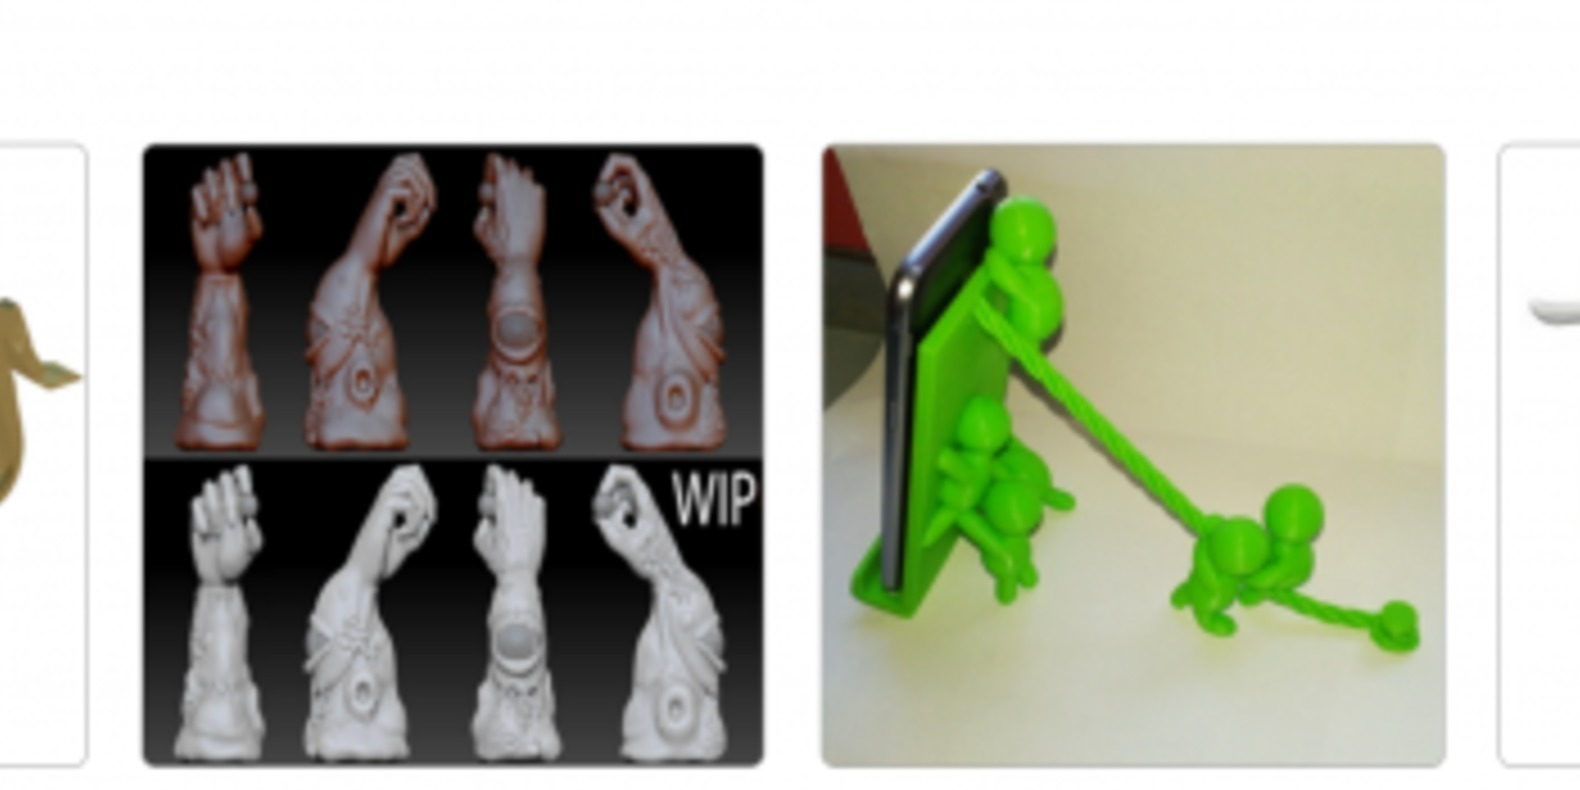 http://fichier3d.fr/wp-content/uploads/2017/01/Dantego-fichier-3D-modèle-3D-impression-3D-imprimante-3D-3D-printing-3D-model-3D-file-Design-Design-3D8.png